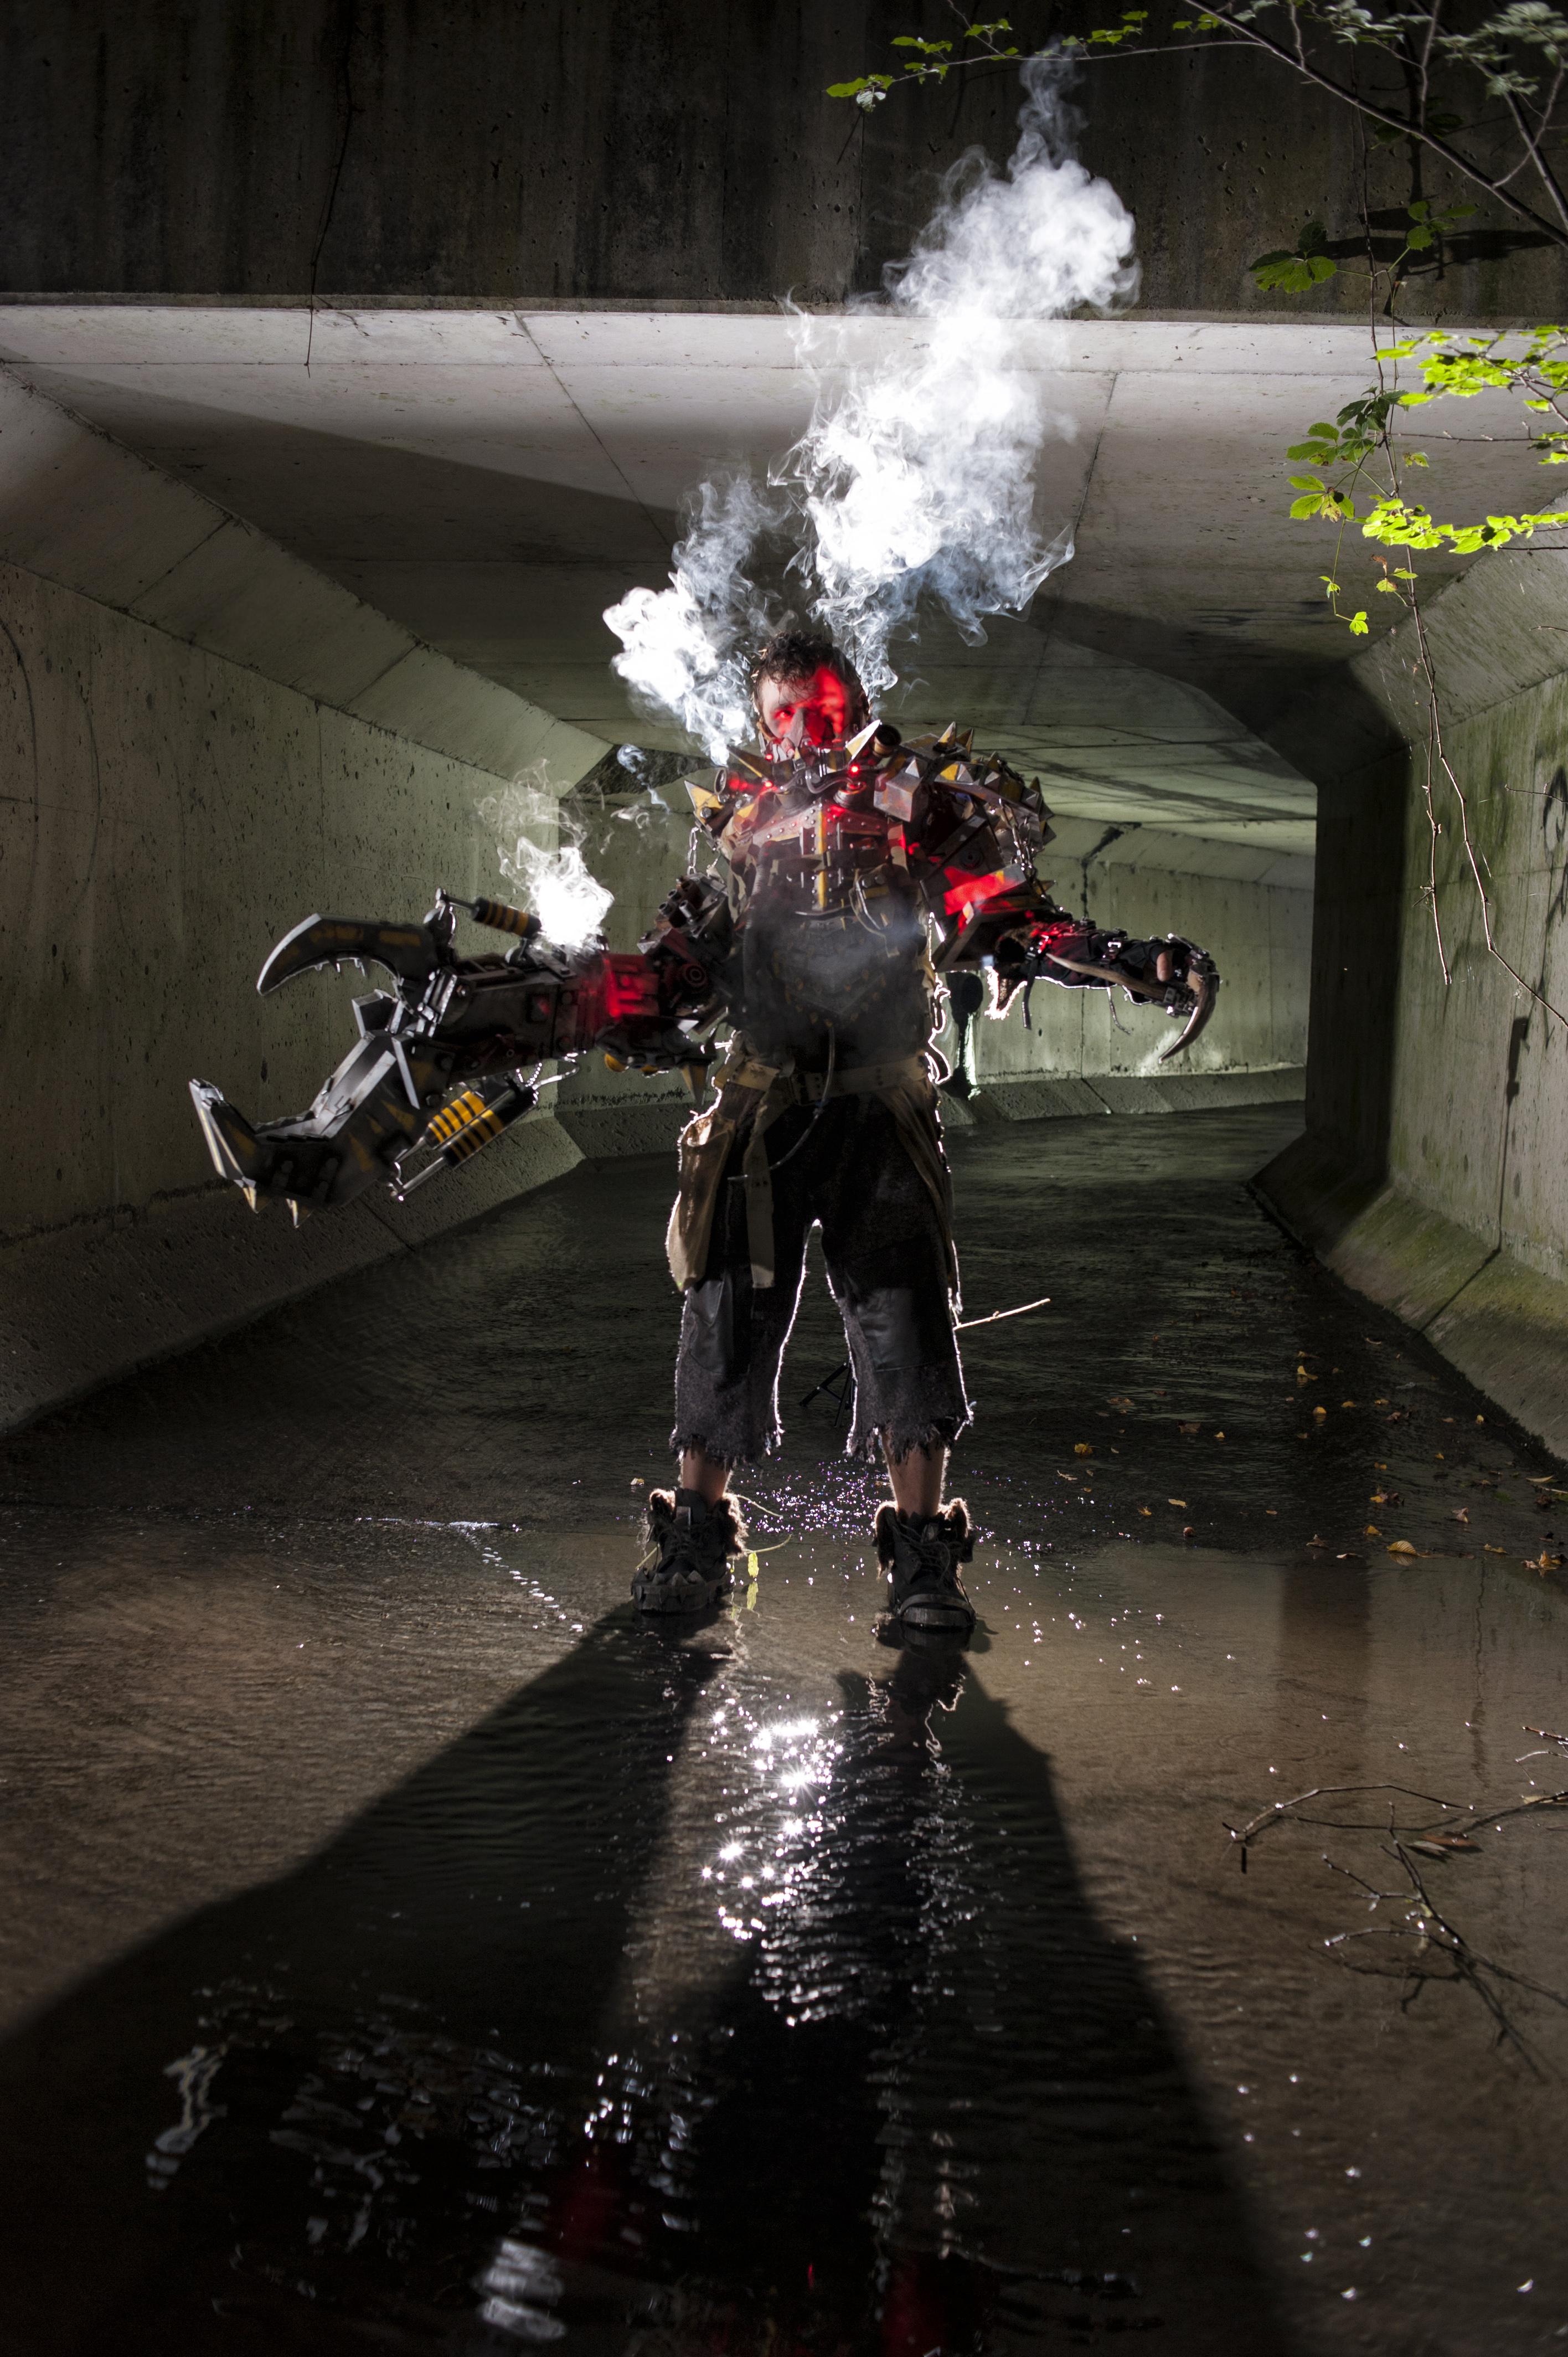 New York Comic Con fallout raider